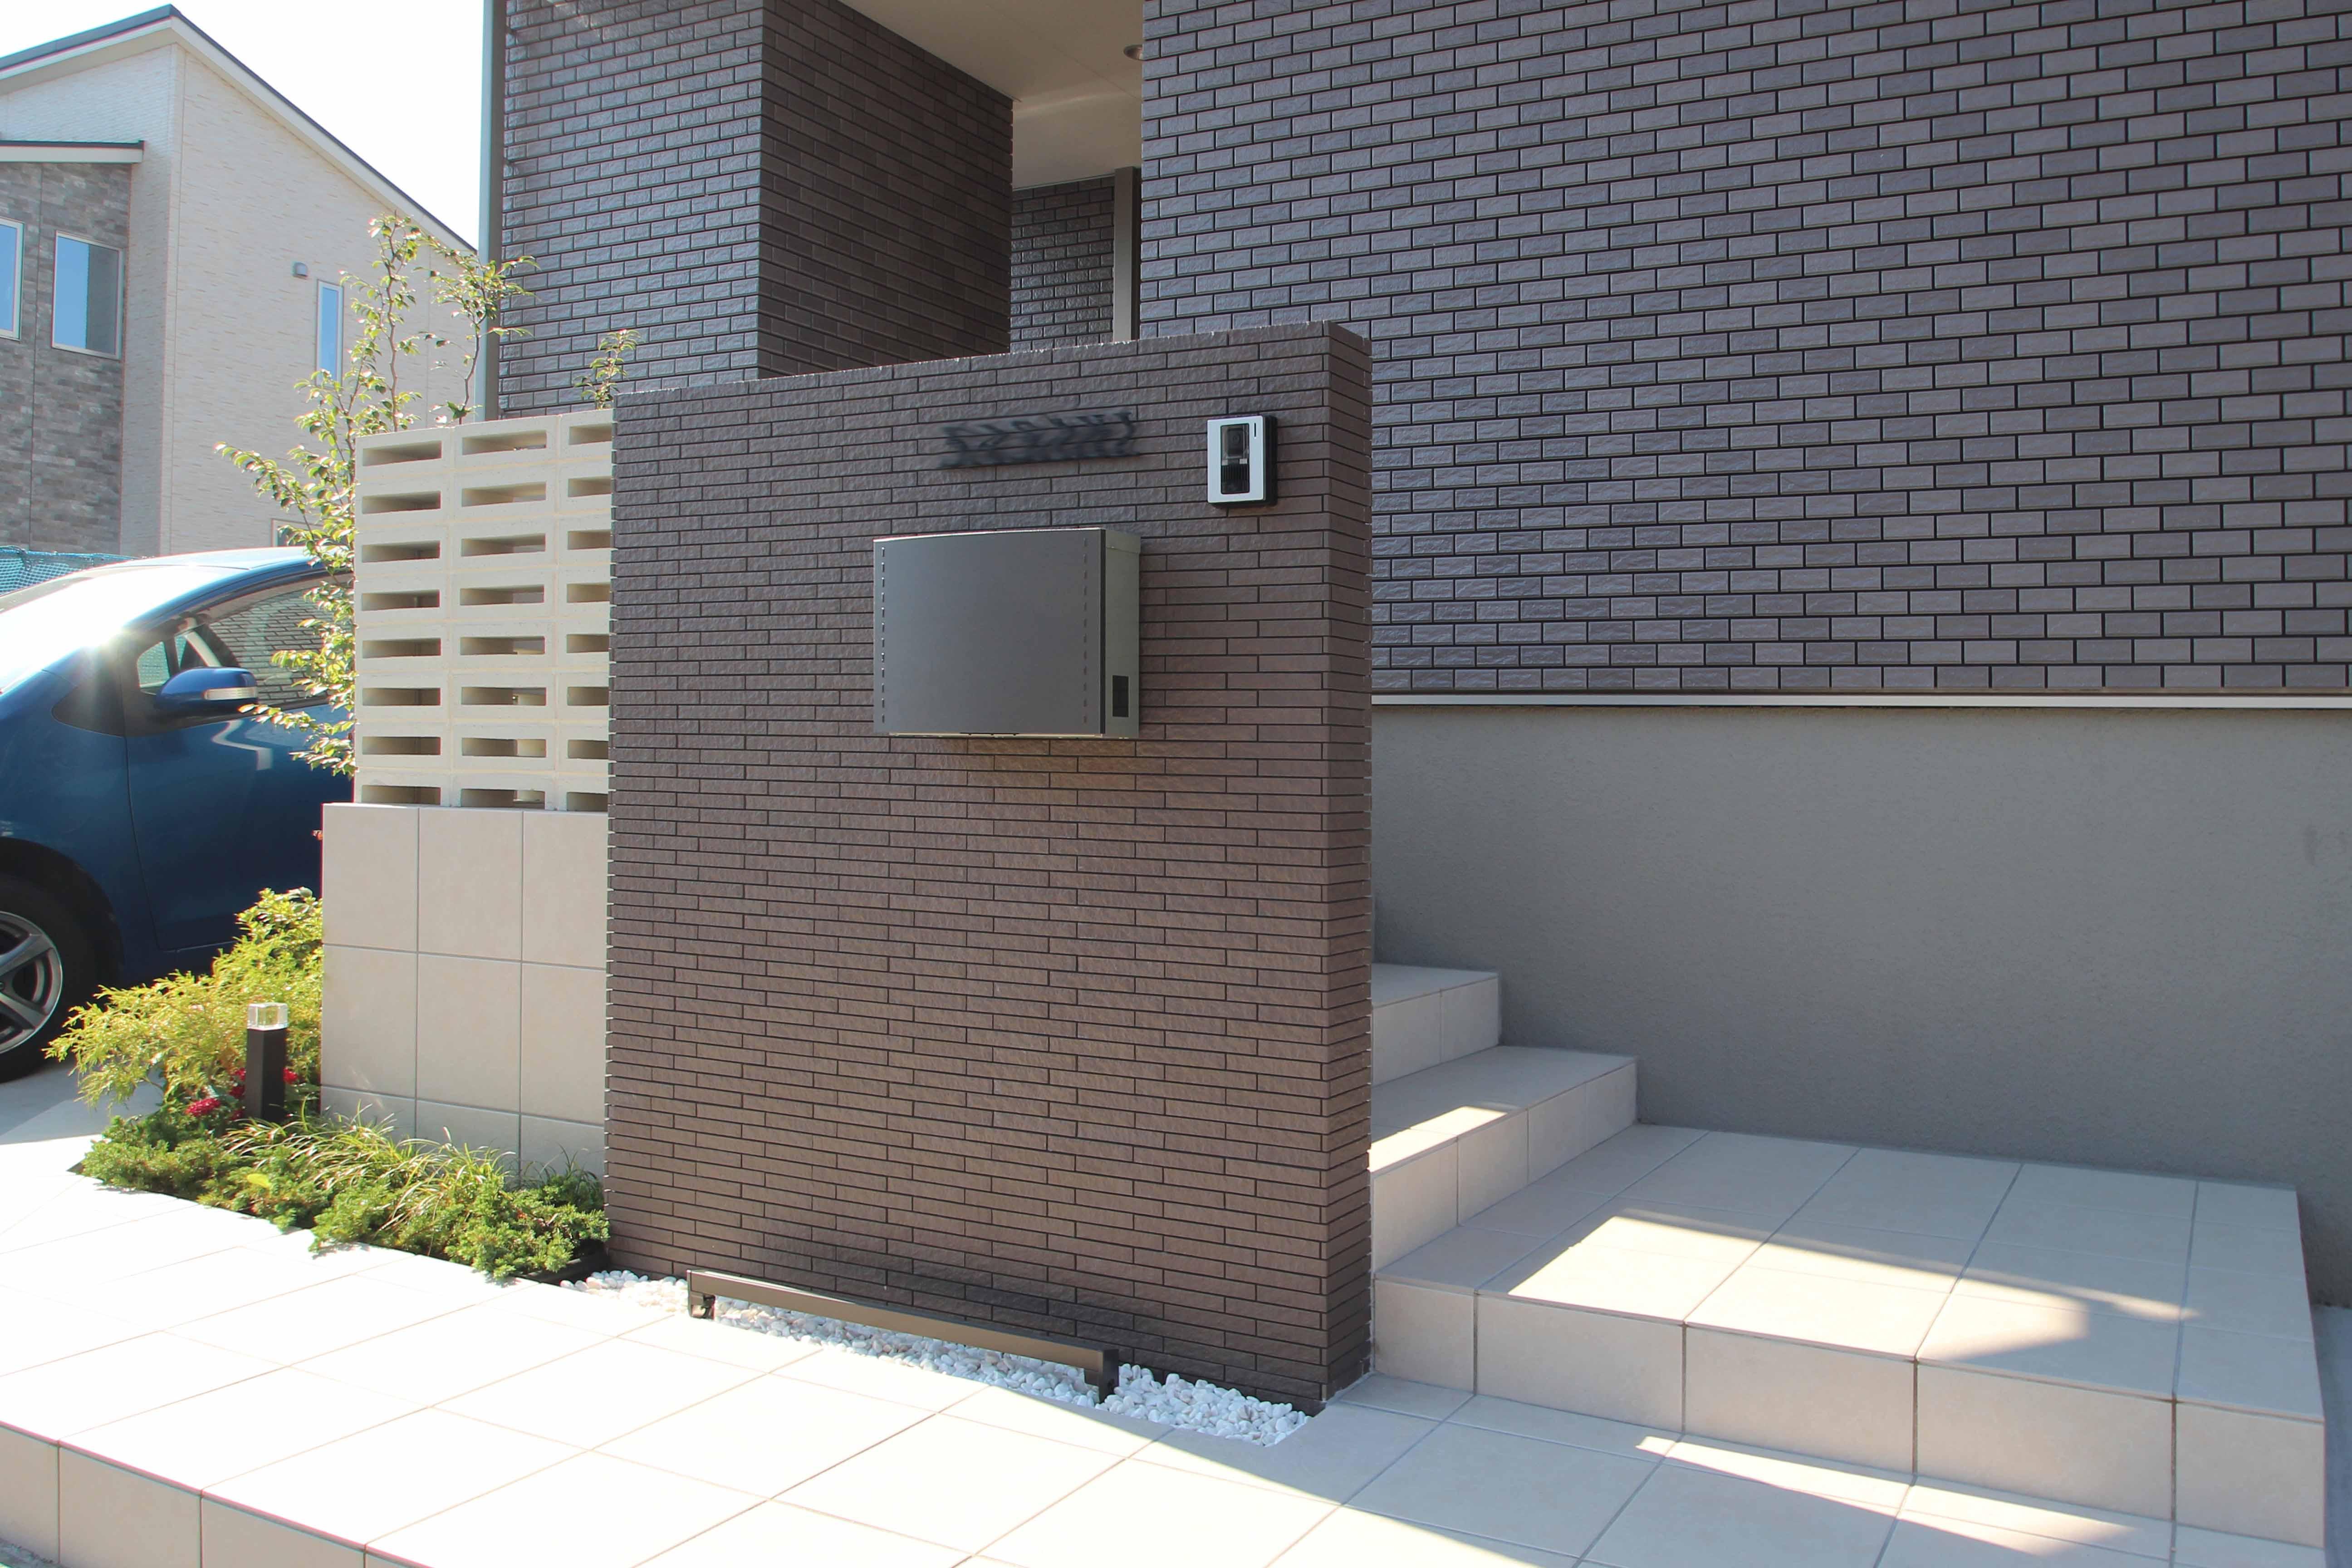 千葉市緑区。<br>スクリーンブロックの透け感で<br>すっきり美人な玄関廻り。6